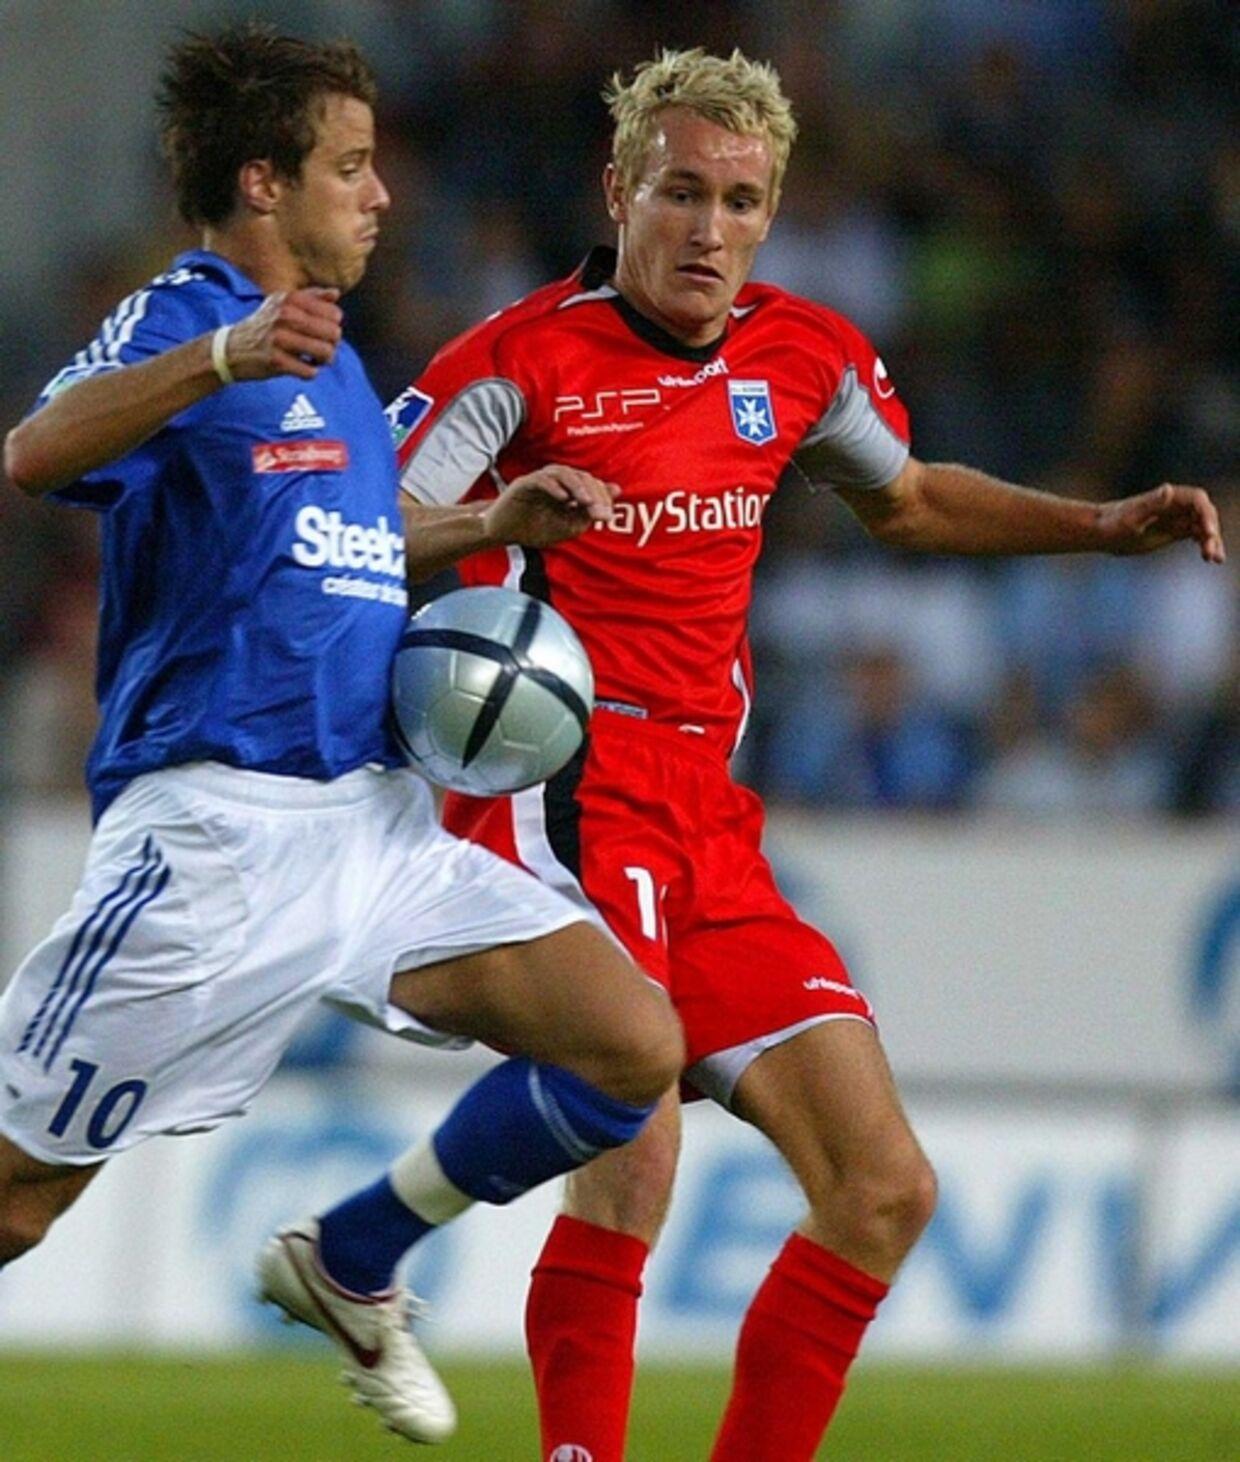 Thomas Kahlenberg fik en fornuftig fransk debut, da Auxerre lørdag aften spillede 0-0 med Strasbourg. Foto: AFP.